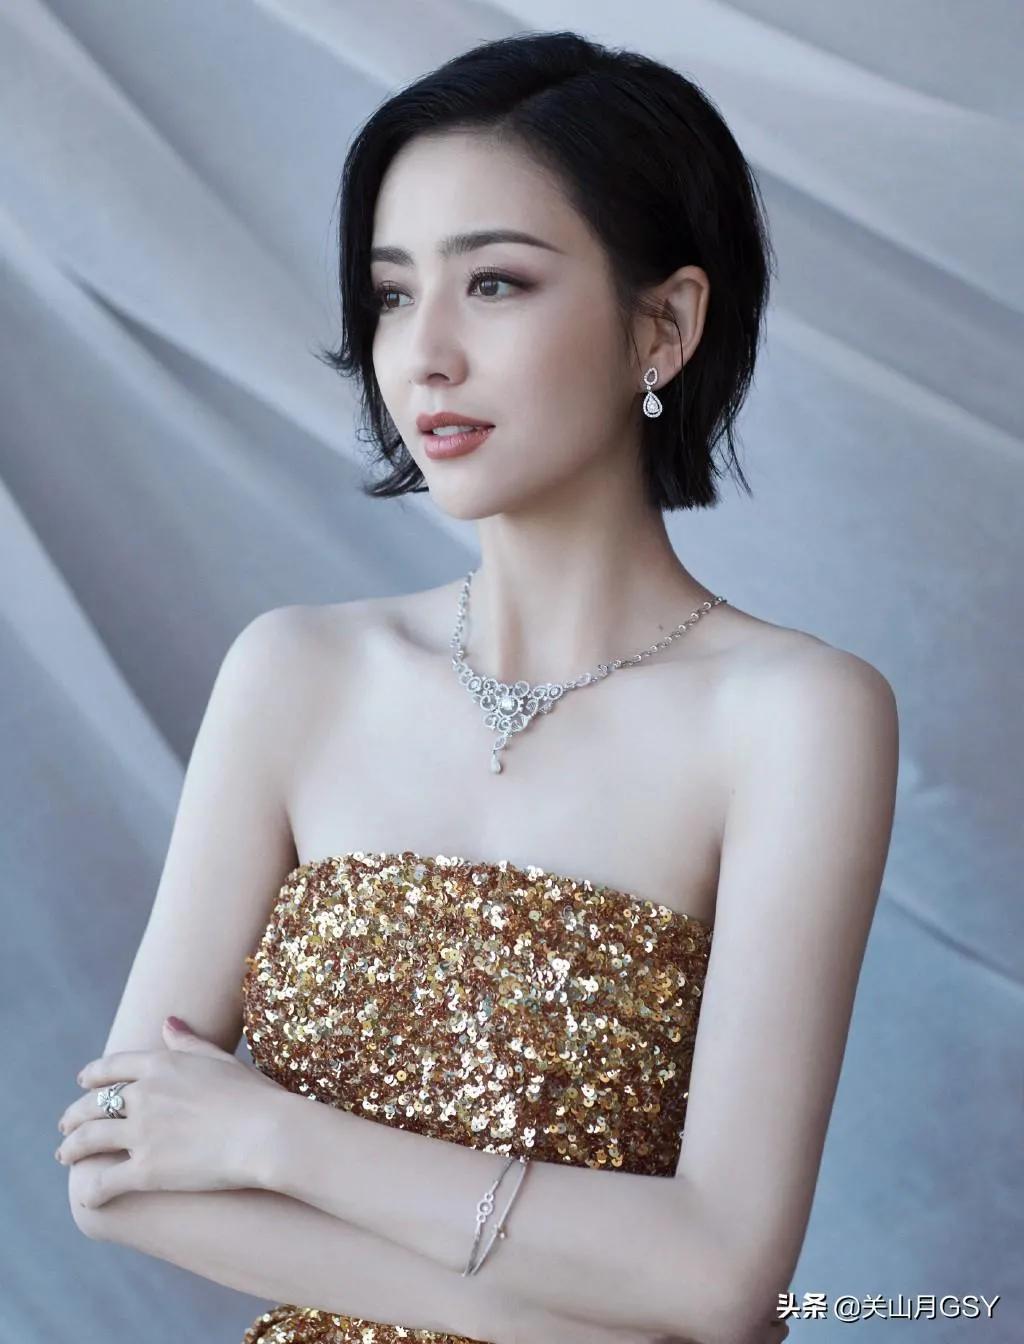 漂亮的佟丽娅